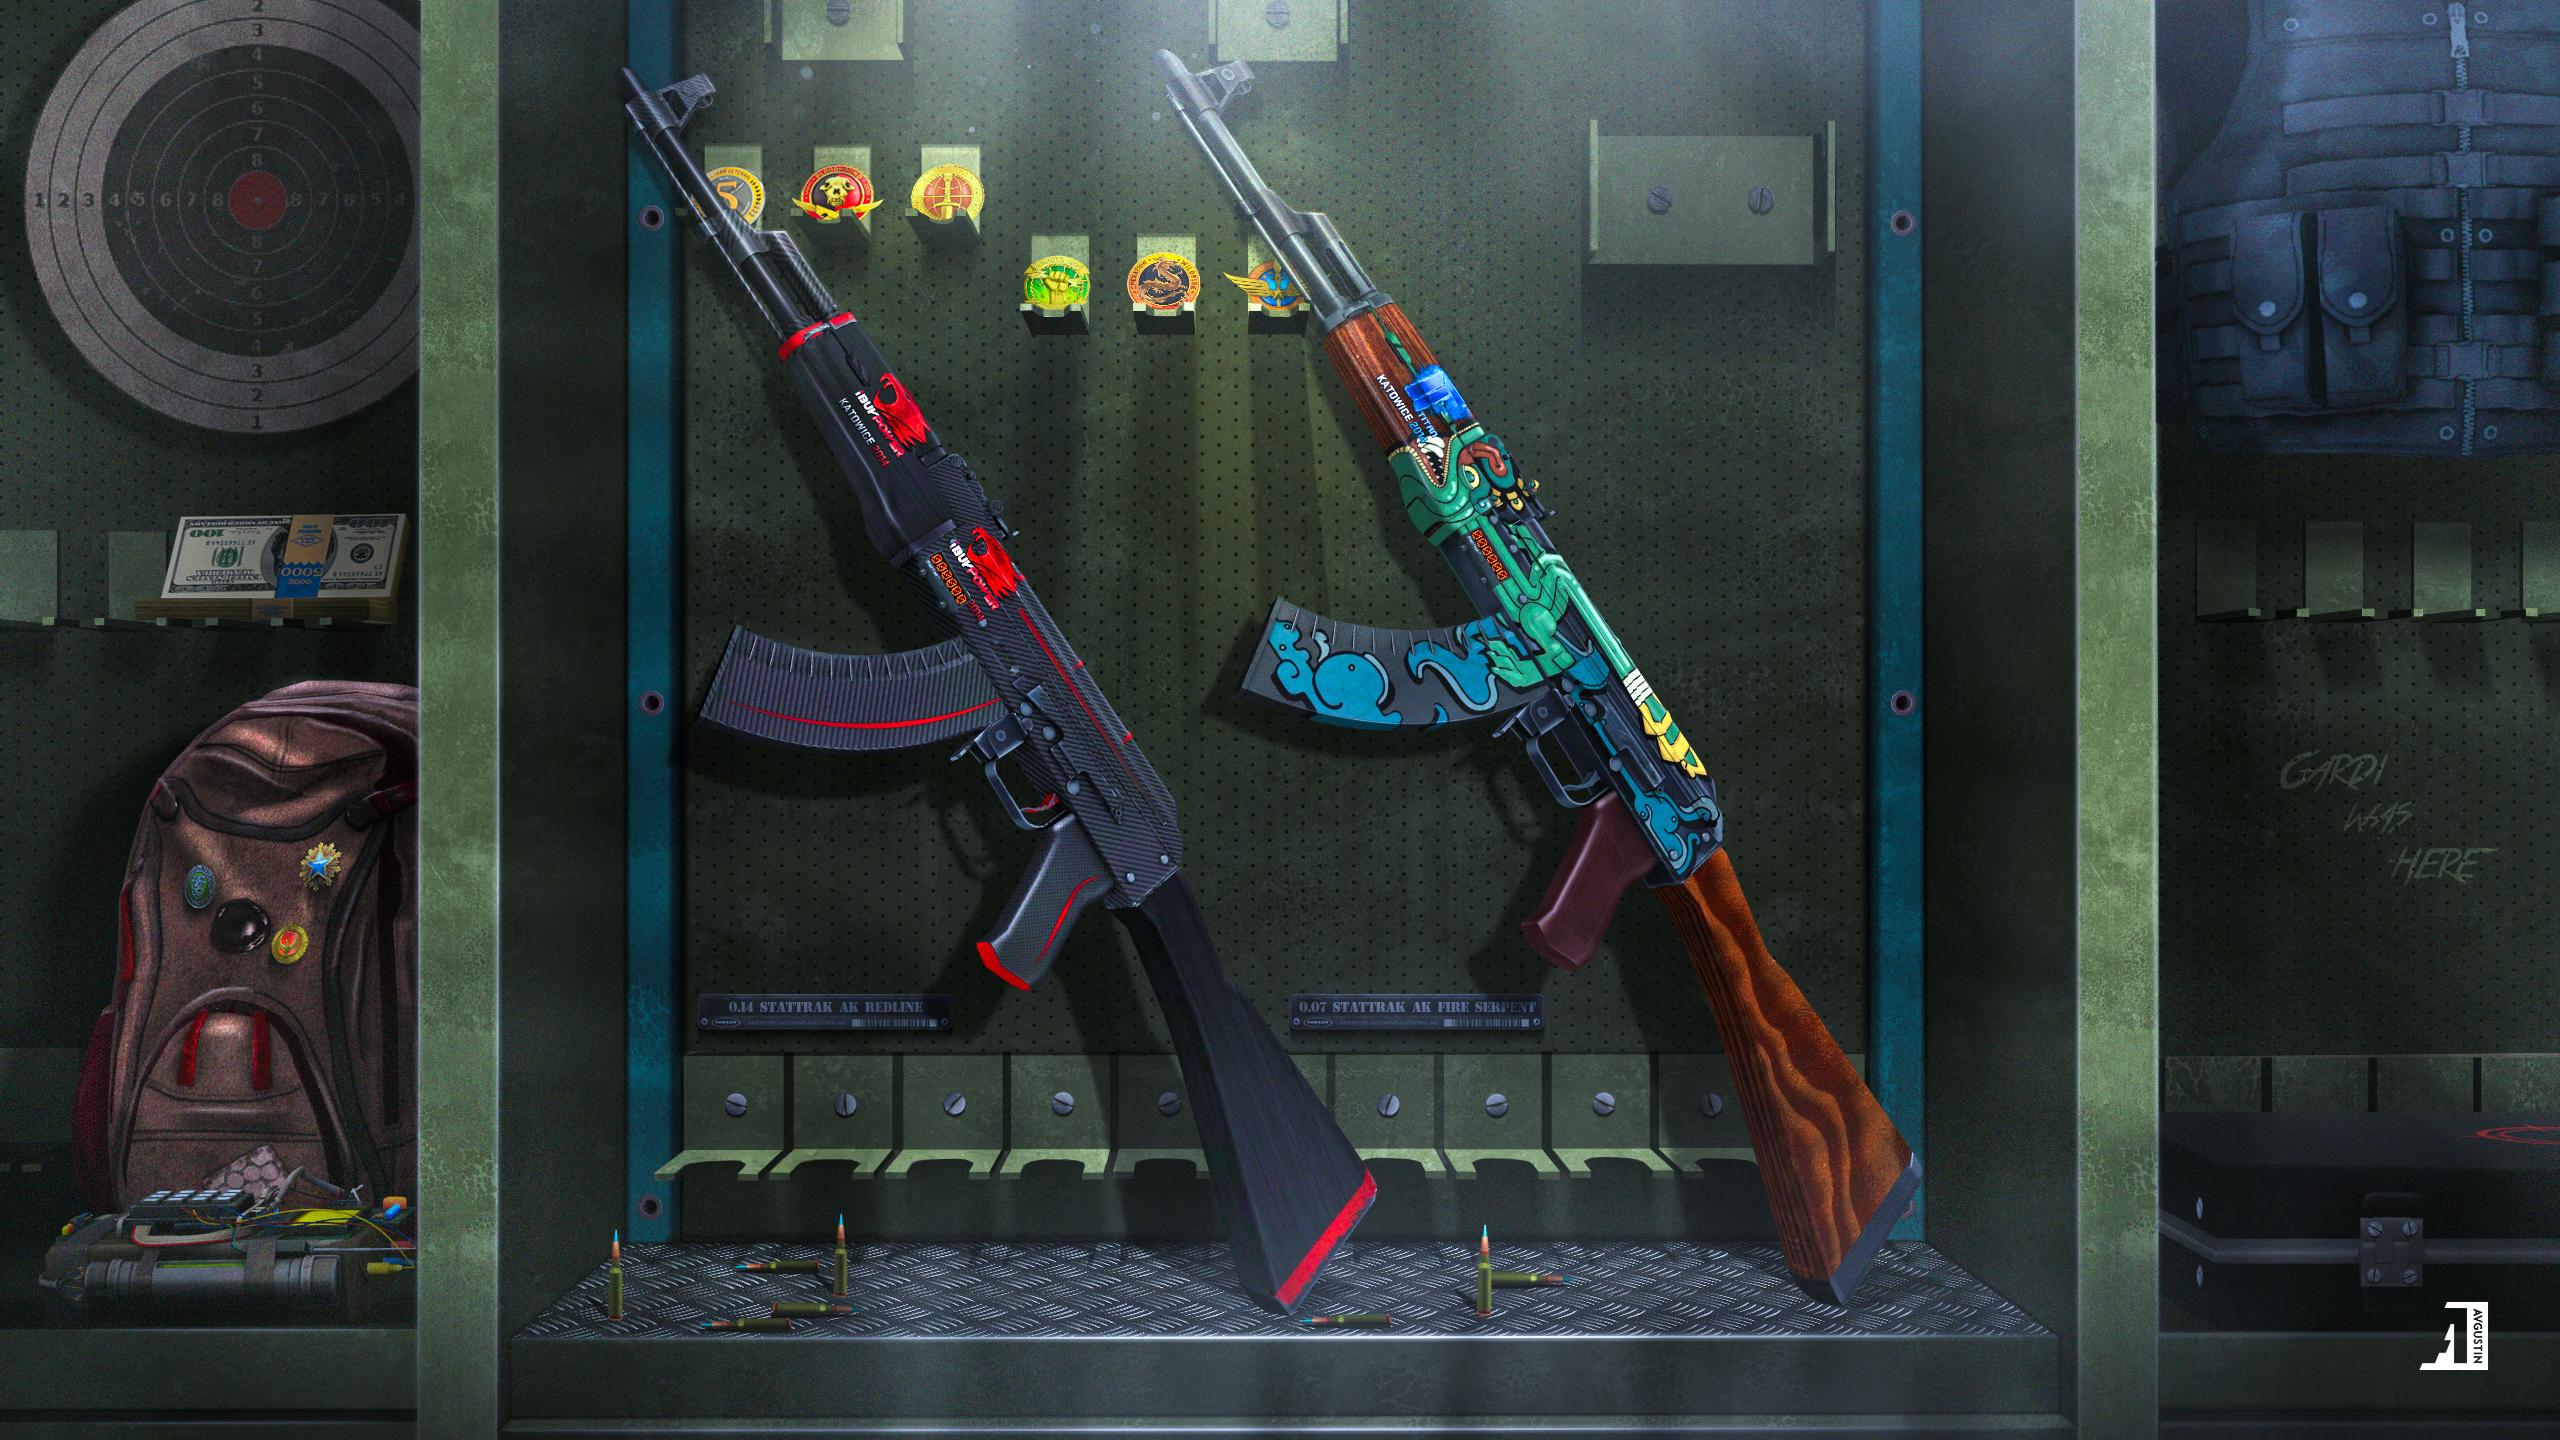 AK-47 - Redline & Ak-47 - Fire Serpent